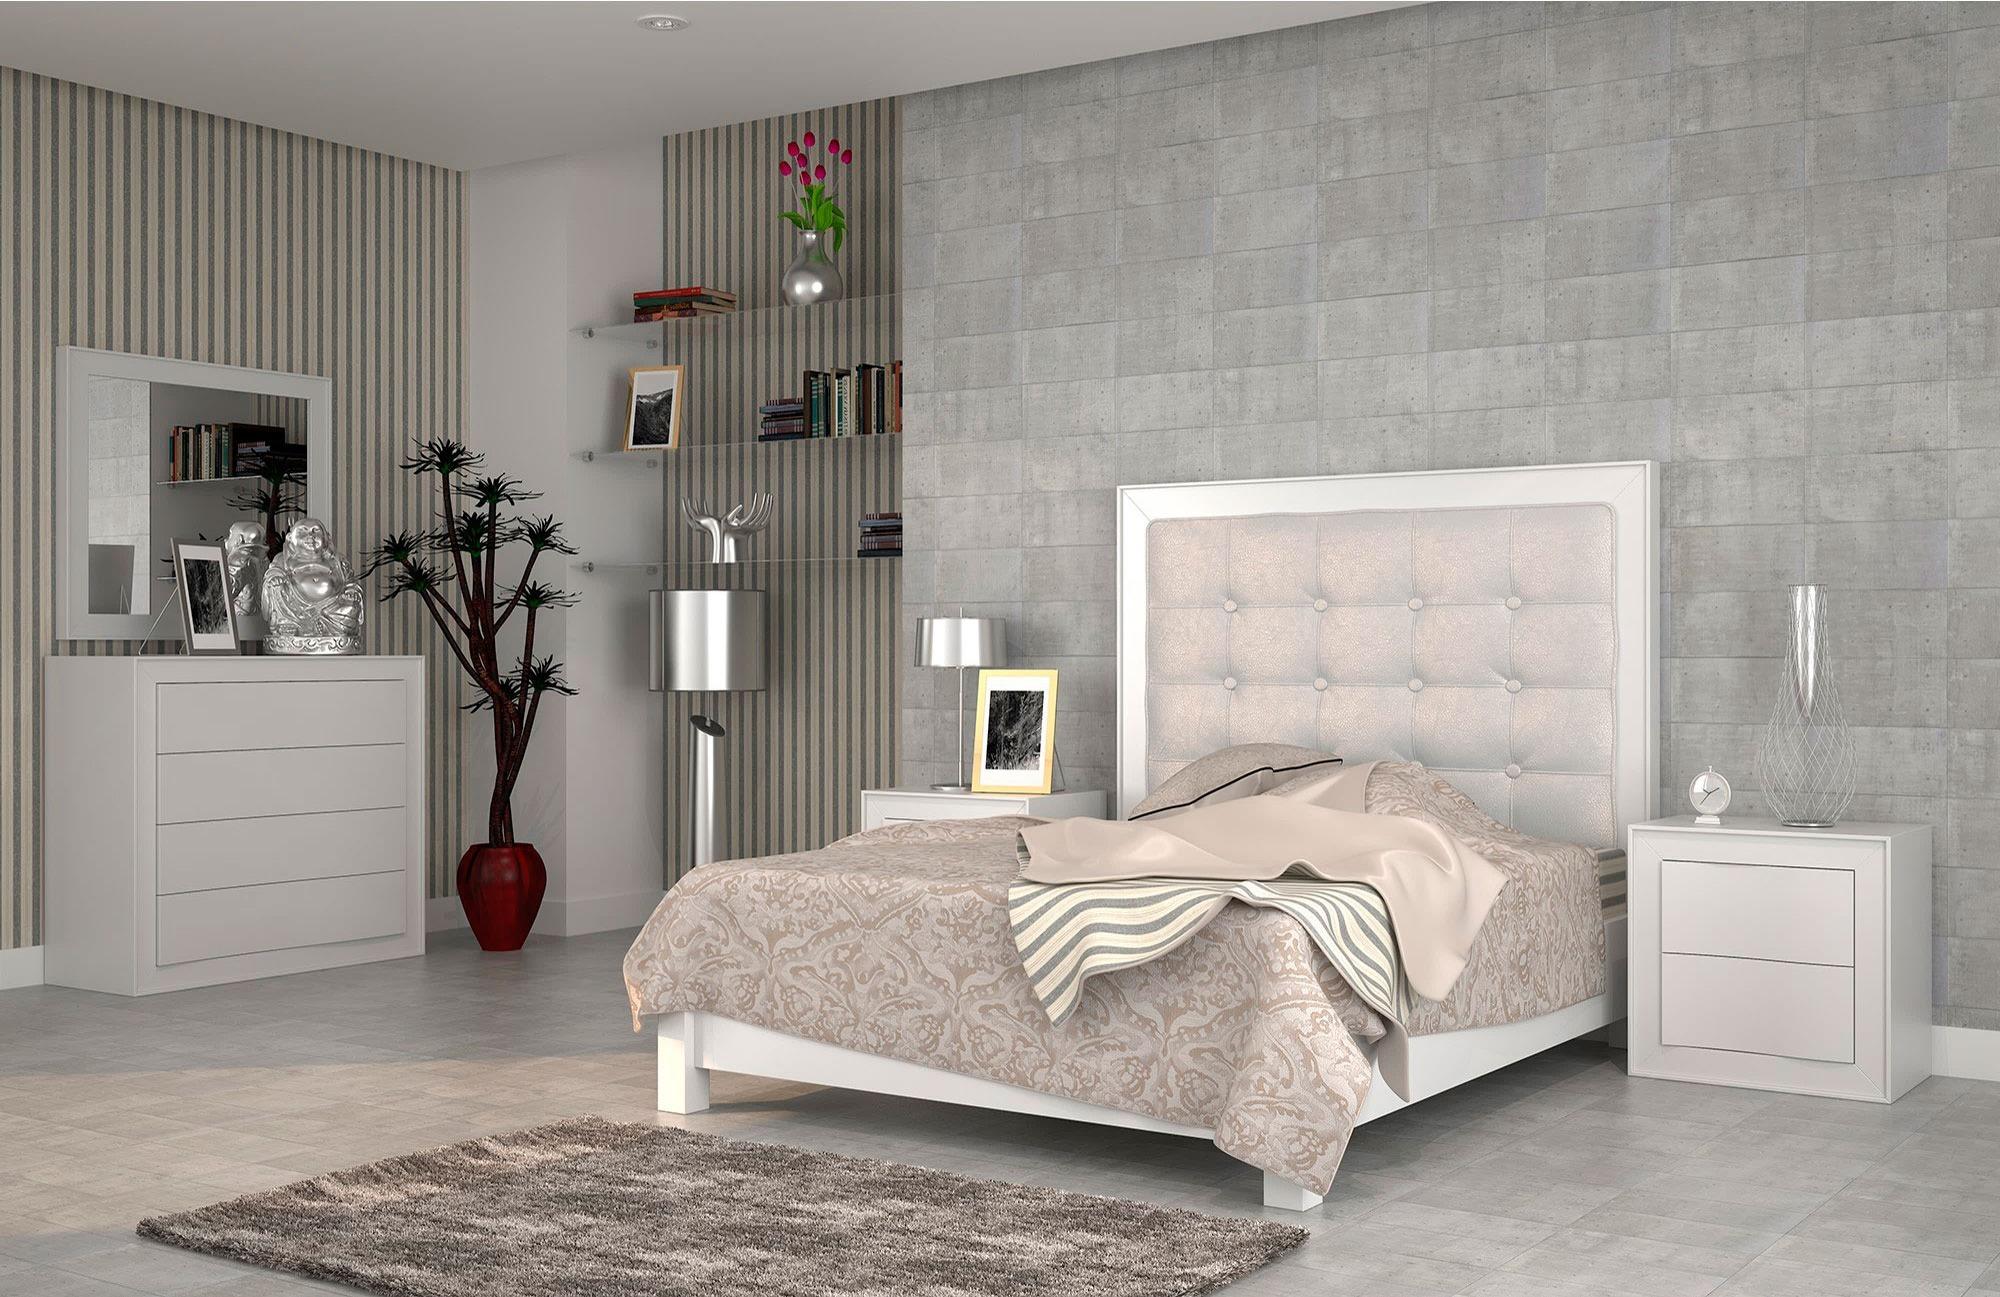 nice-dormitorio-8